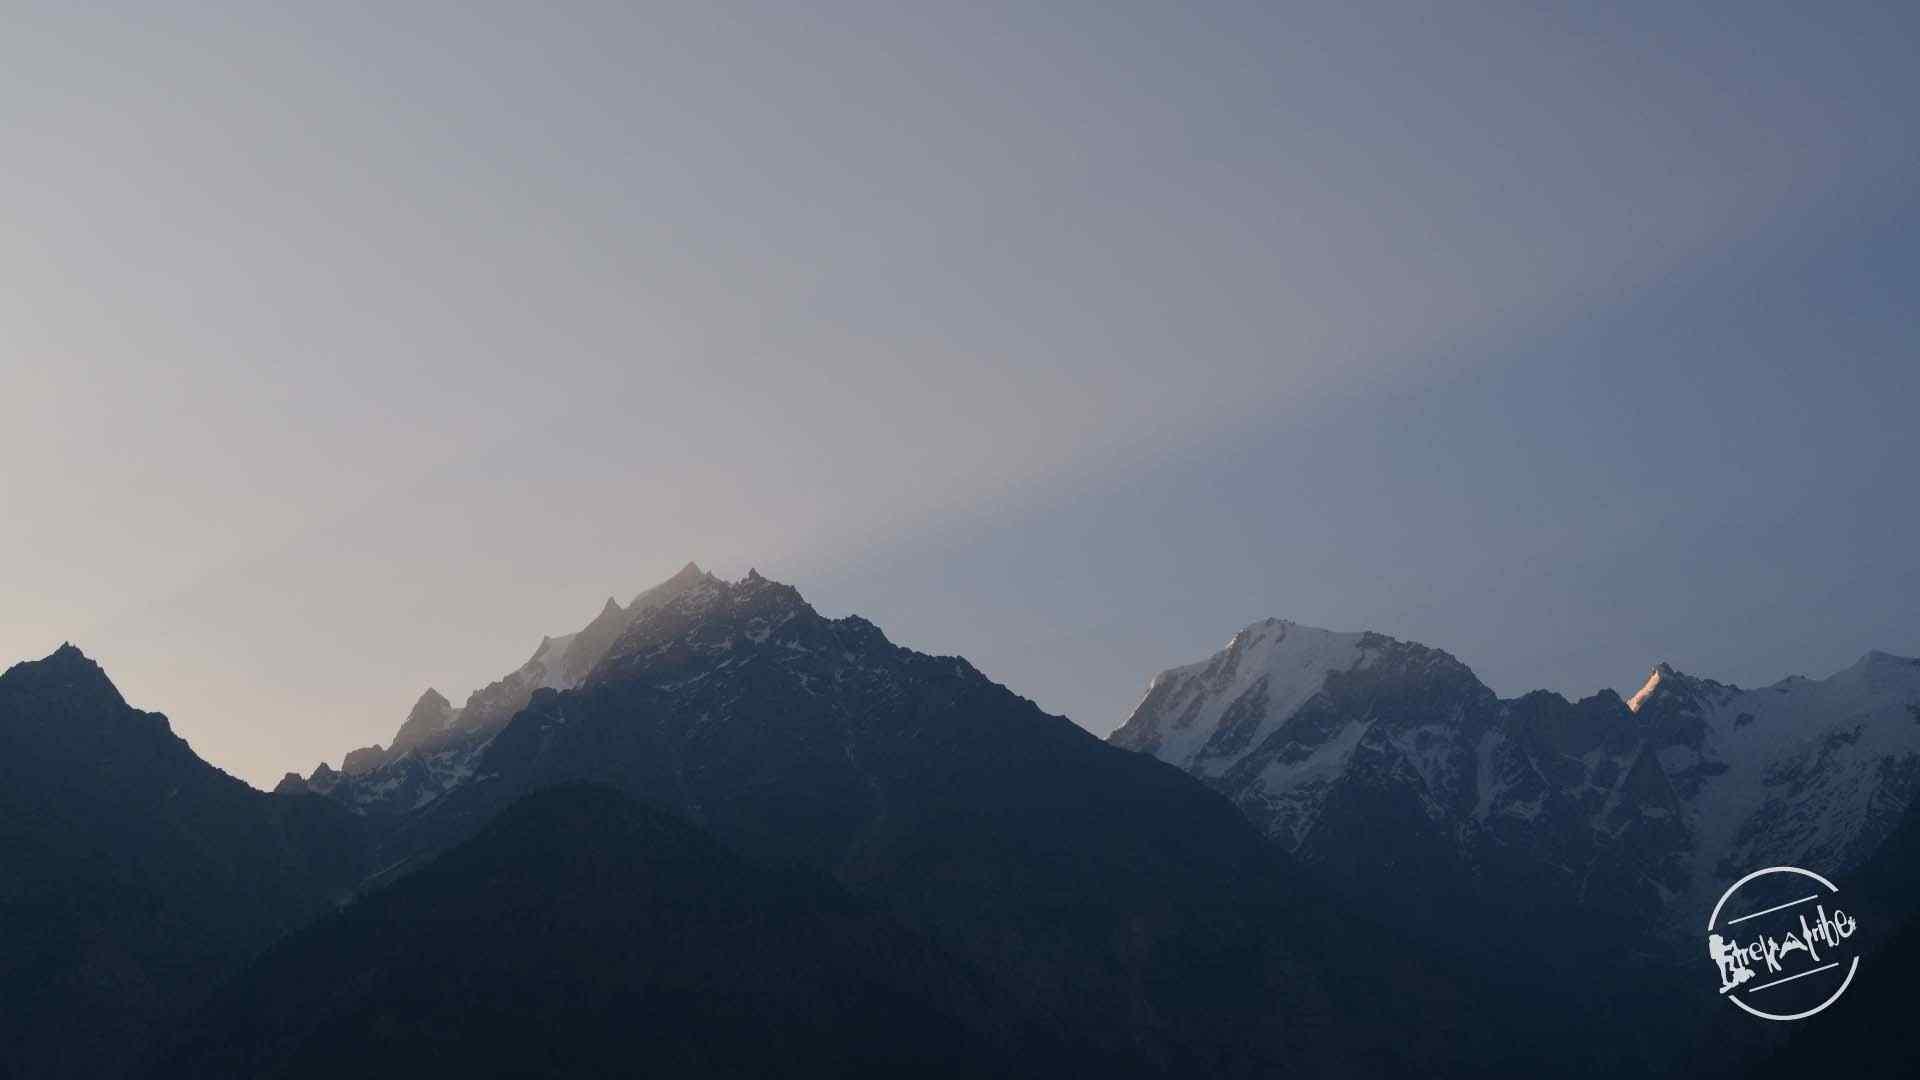 kinner kailash range view from kalpa, kinnaur (1)